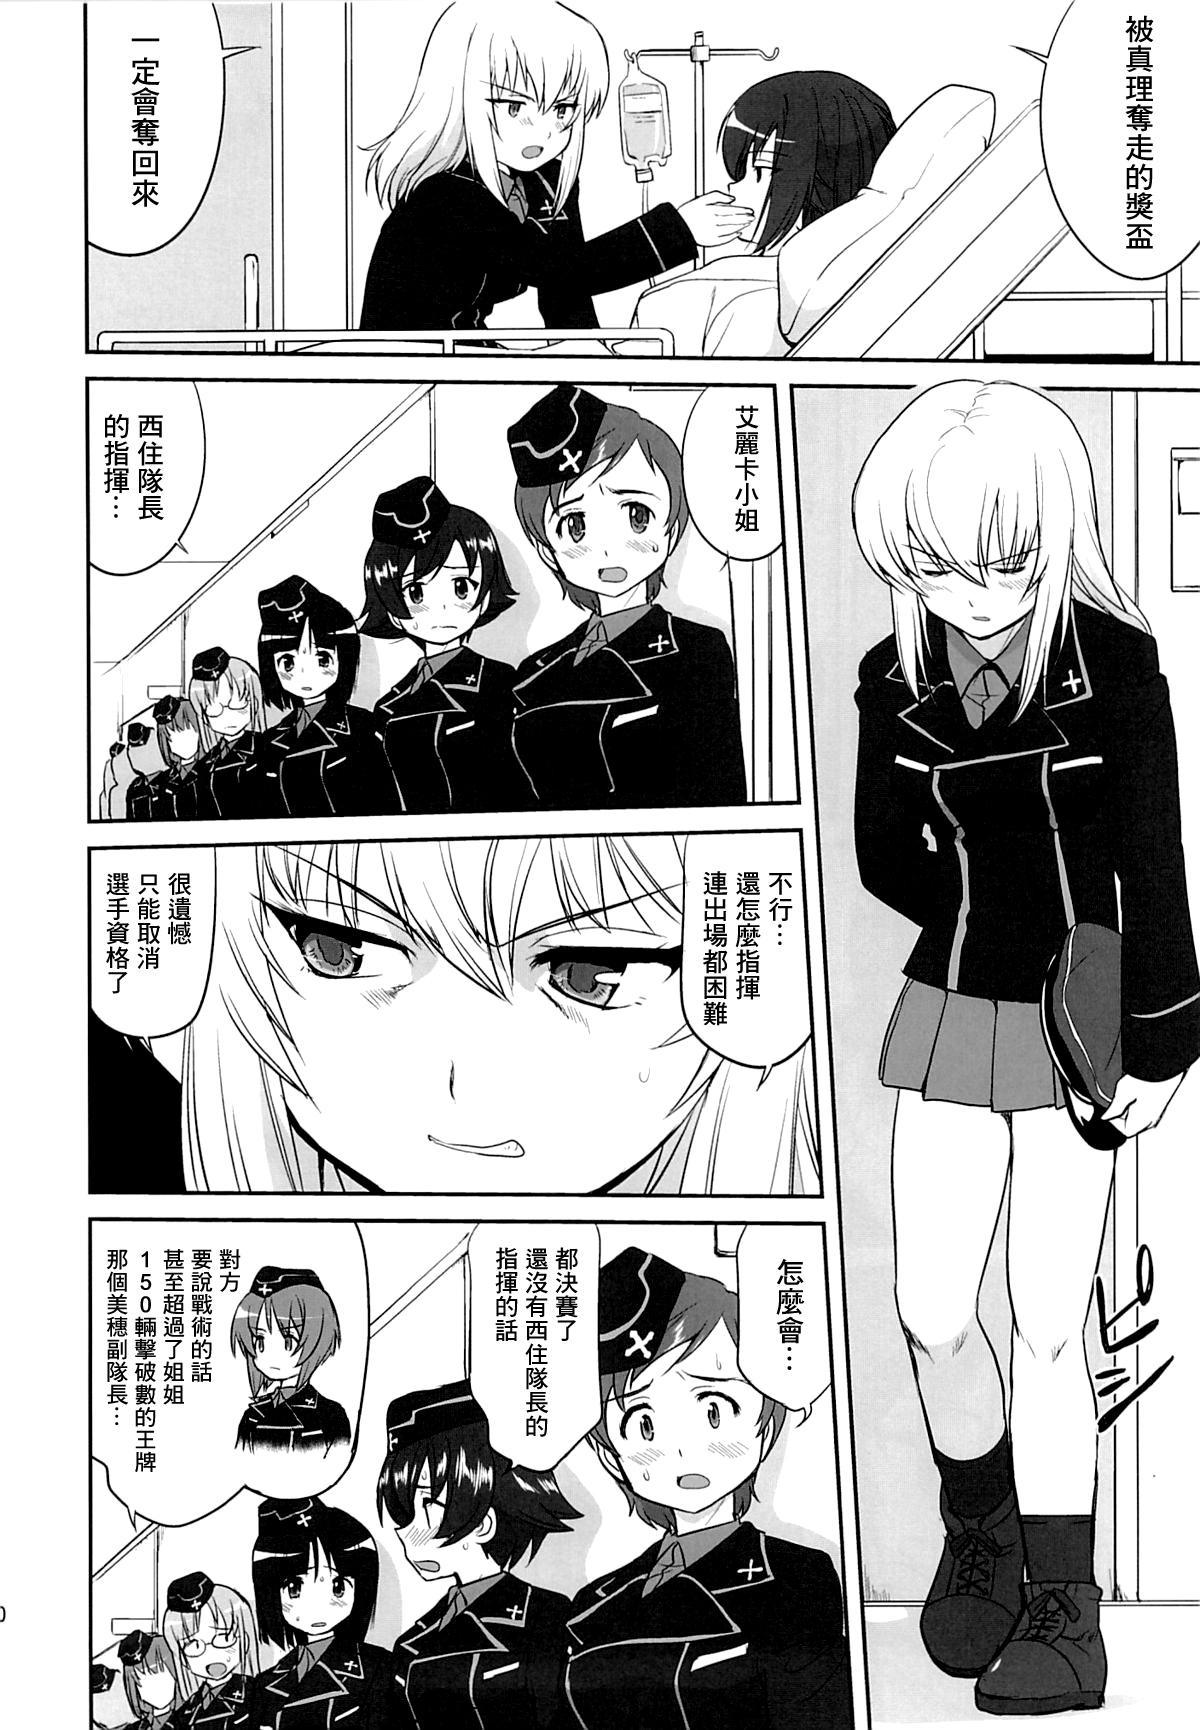 Yukiyukite Senshadou Kuromorimine no Tatakai 18